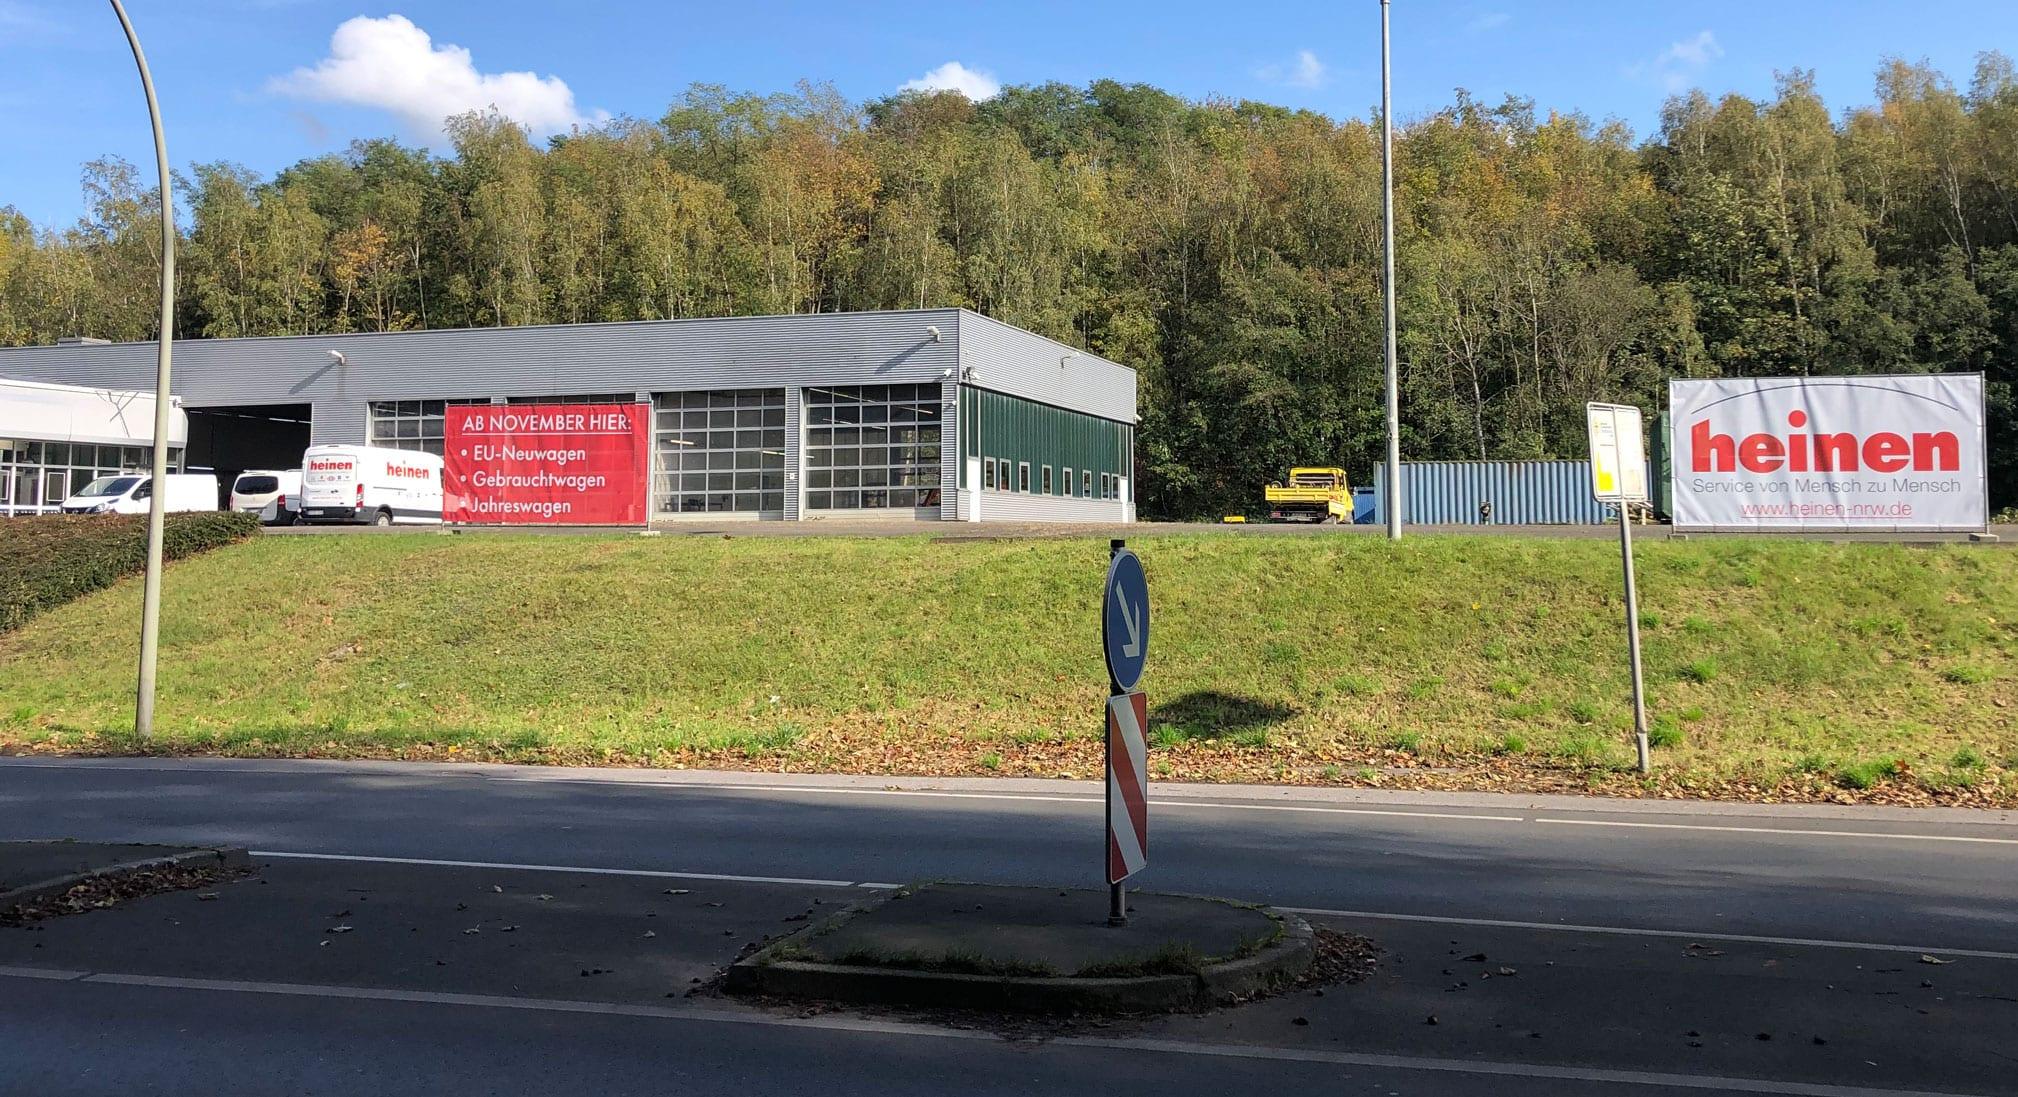 Eröffnung Werne Heinen